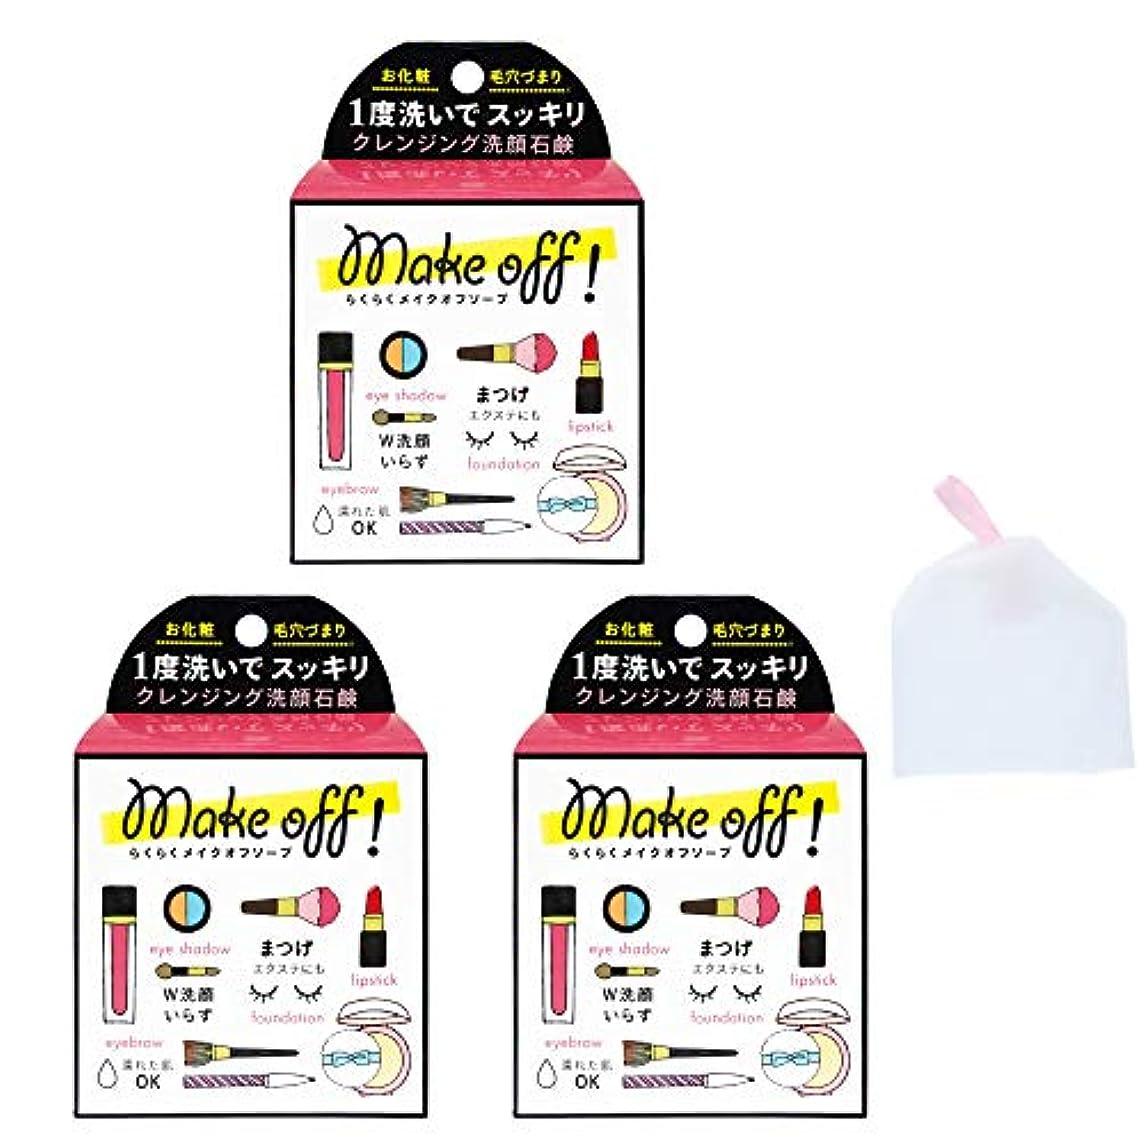 実験室ふりをする感情【3個セット+泡立てネット付】ペリカン石鹸 MAKE OFF SOAP メイク オフ ソープ 80g 【泡立てネット付】